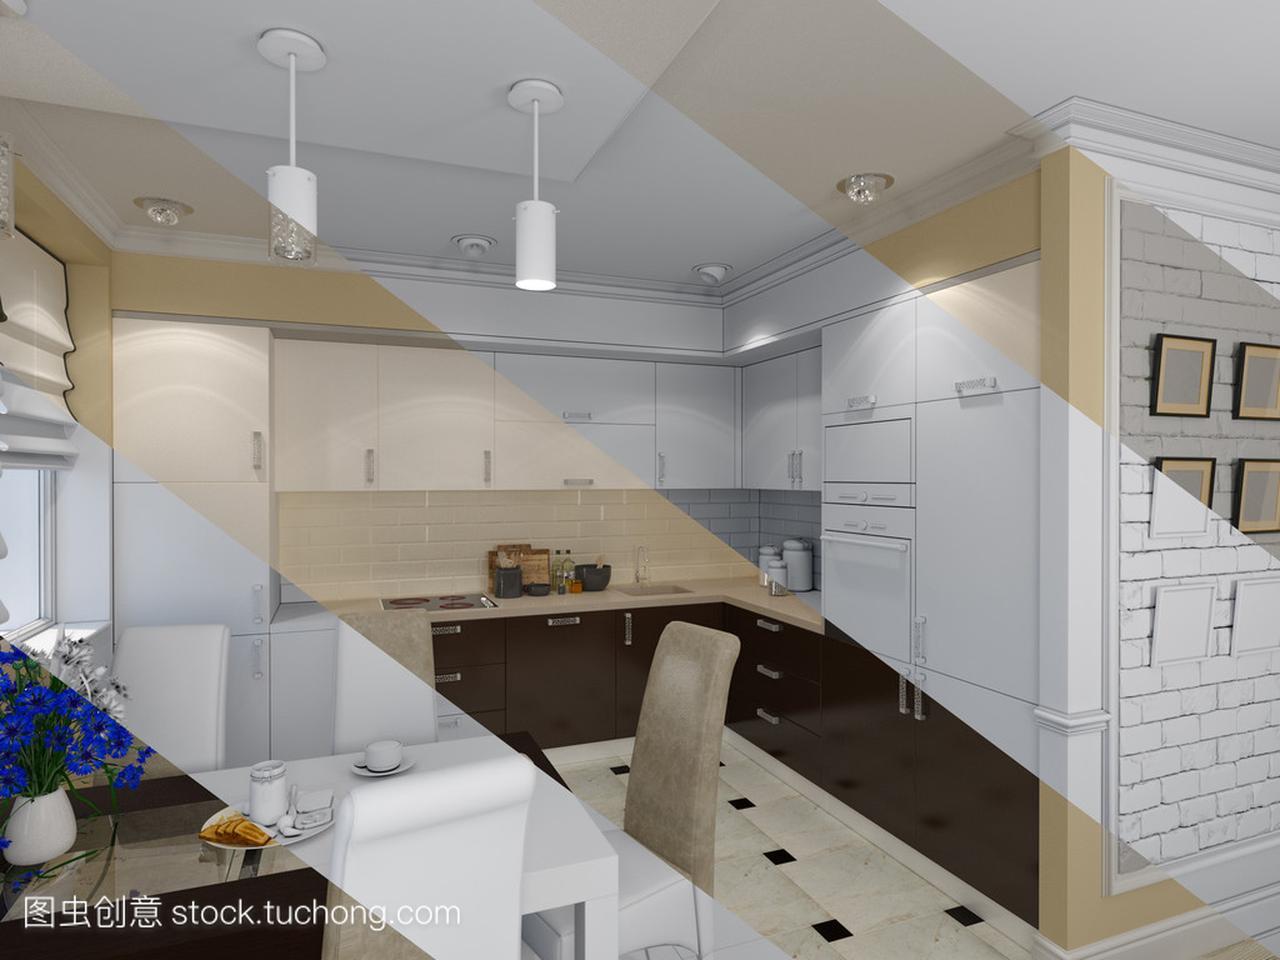 厨房与经典室内设计的客厅,现代风格的3d上海建筑设计兼职招聘图片